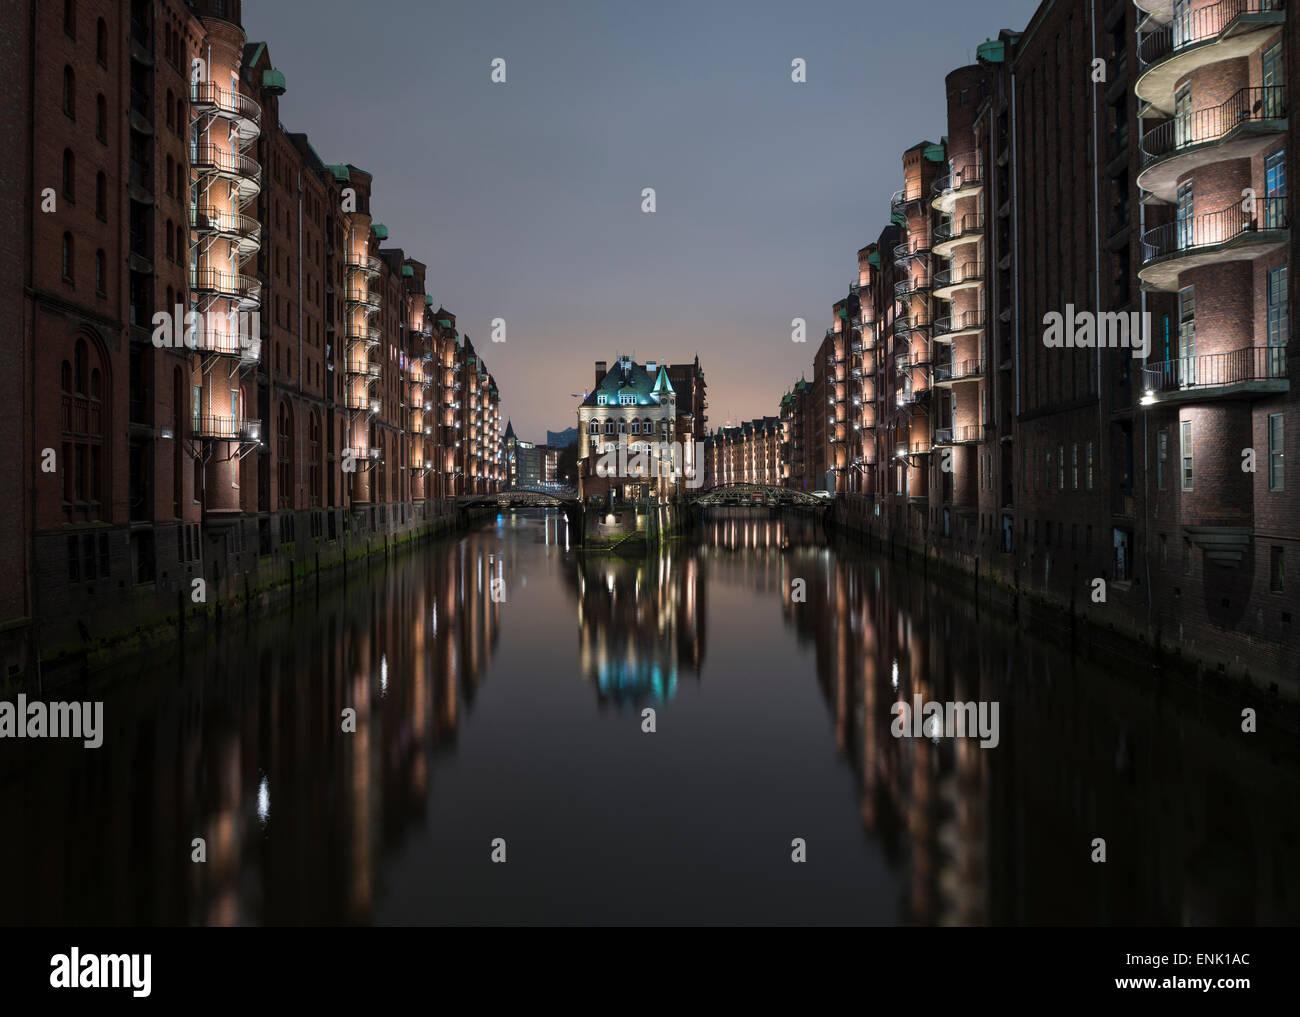 Speicherstadt District, Hafencity, Hamburg, Germany, Europe - Stock Image